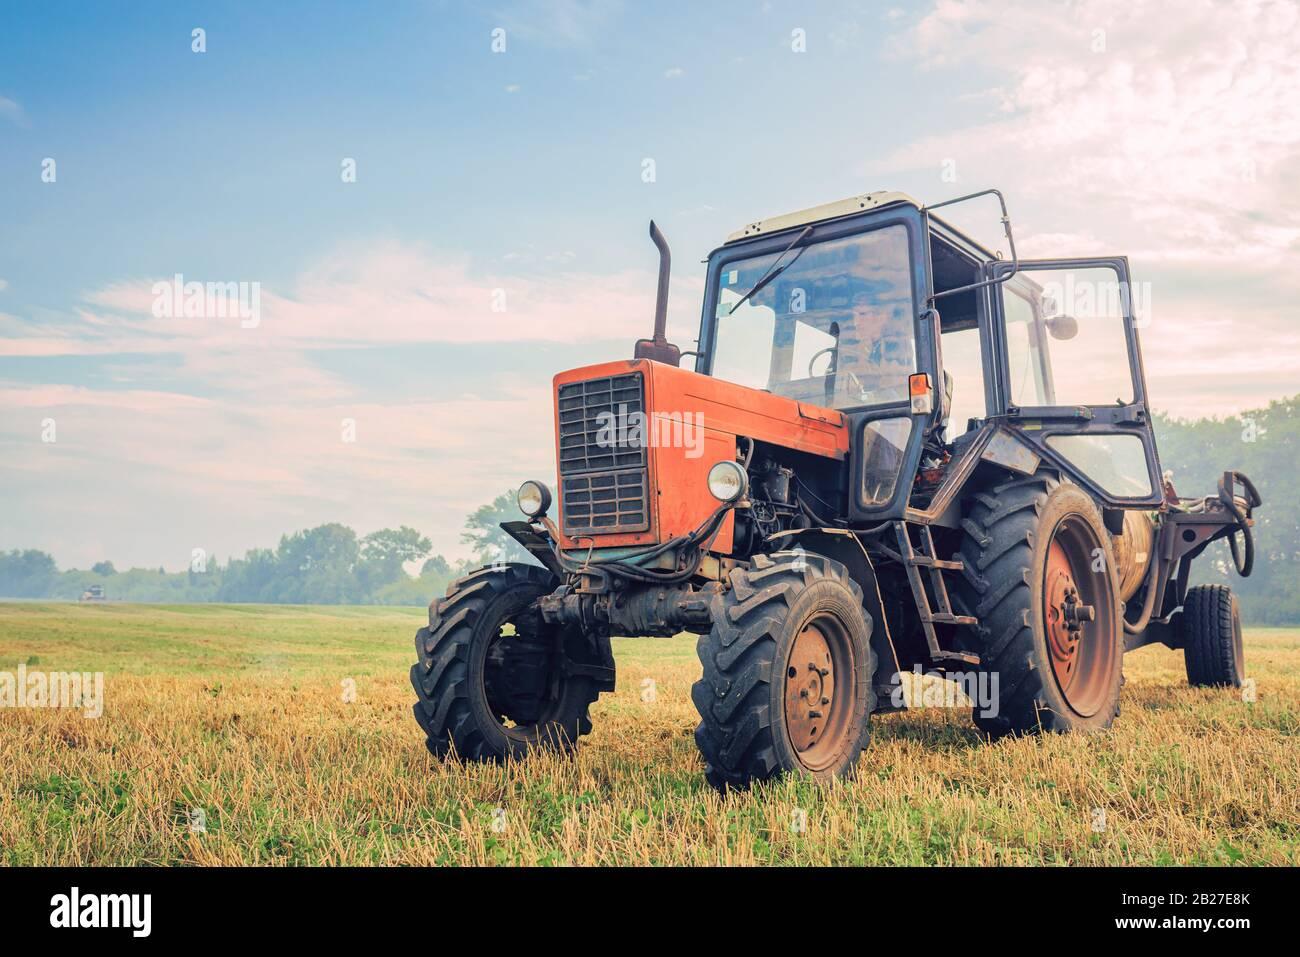 Alter Traktor düngt auf dem Feld an einem schönen blauen sonnigen Tag Stockfoto